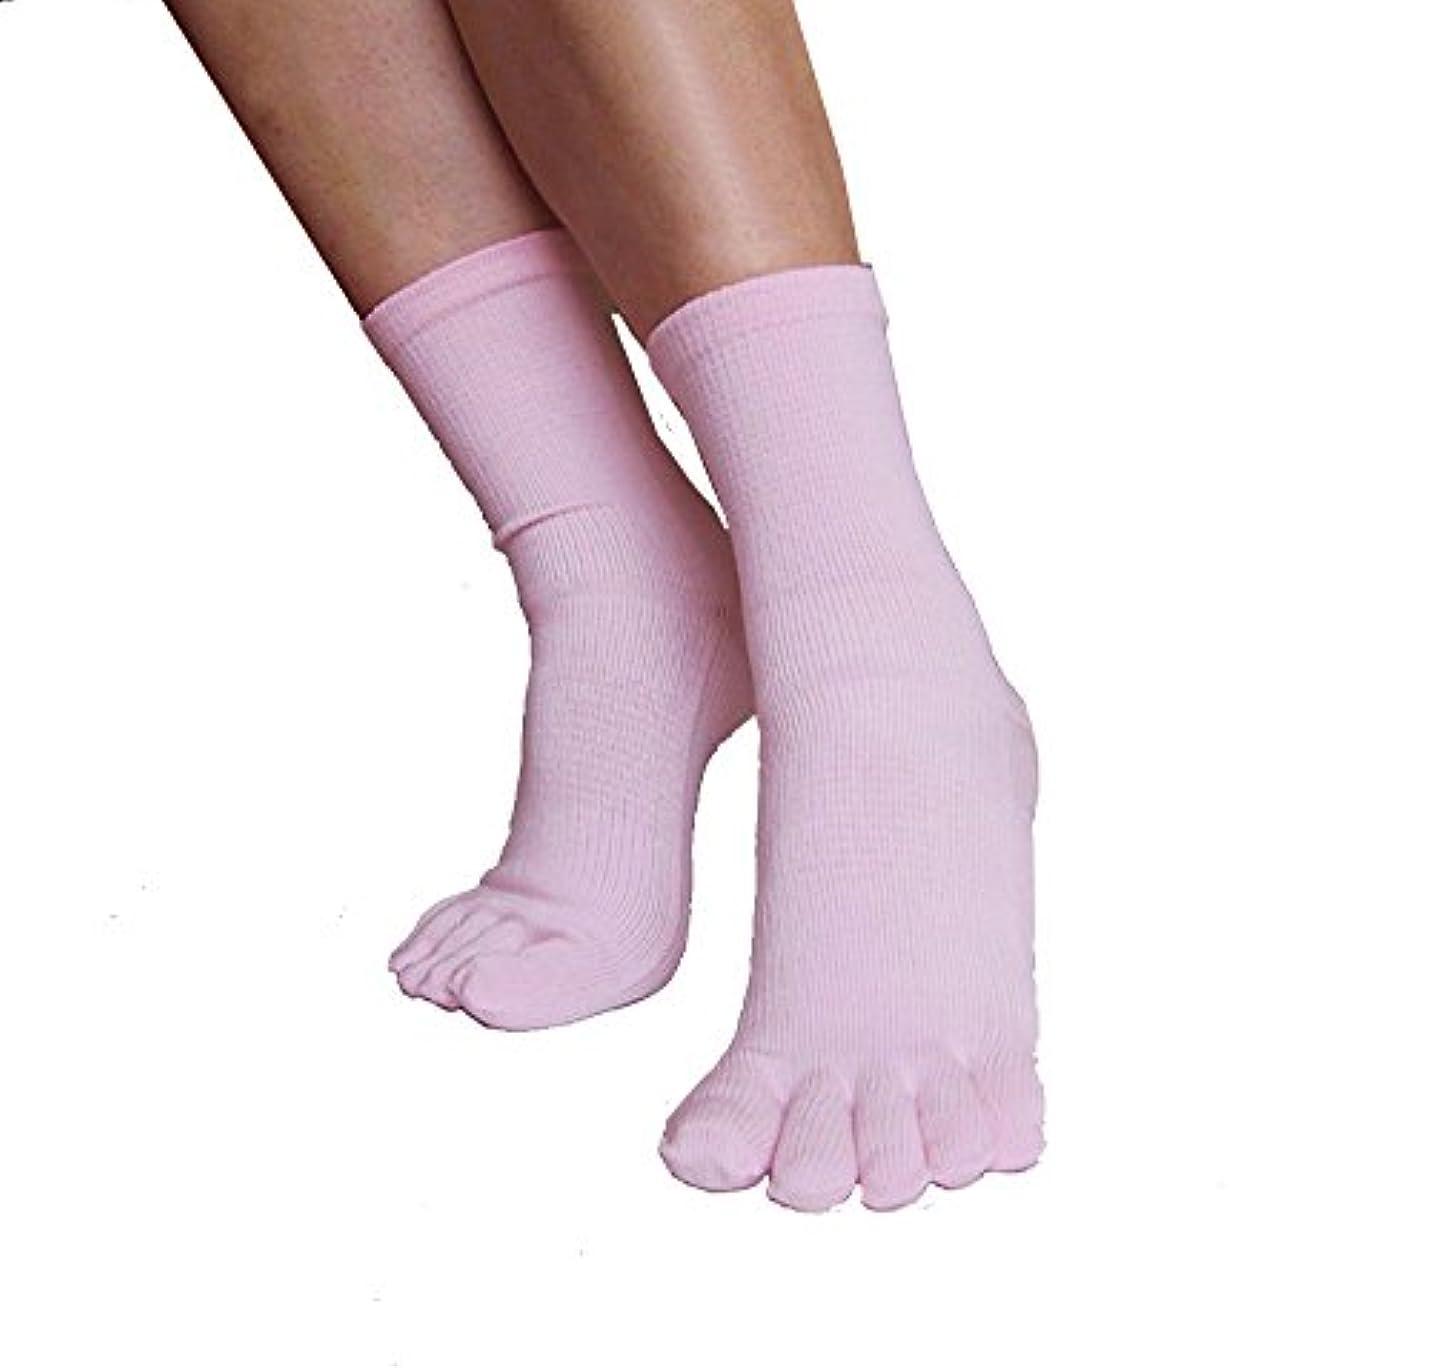 ウェーハ落ち着く継続中外反母趾対策 5本指靴下 綿タイプ ピンク